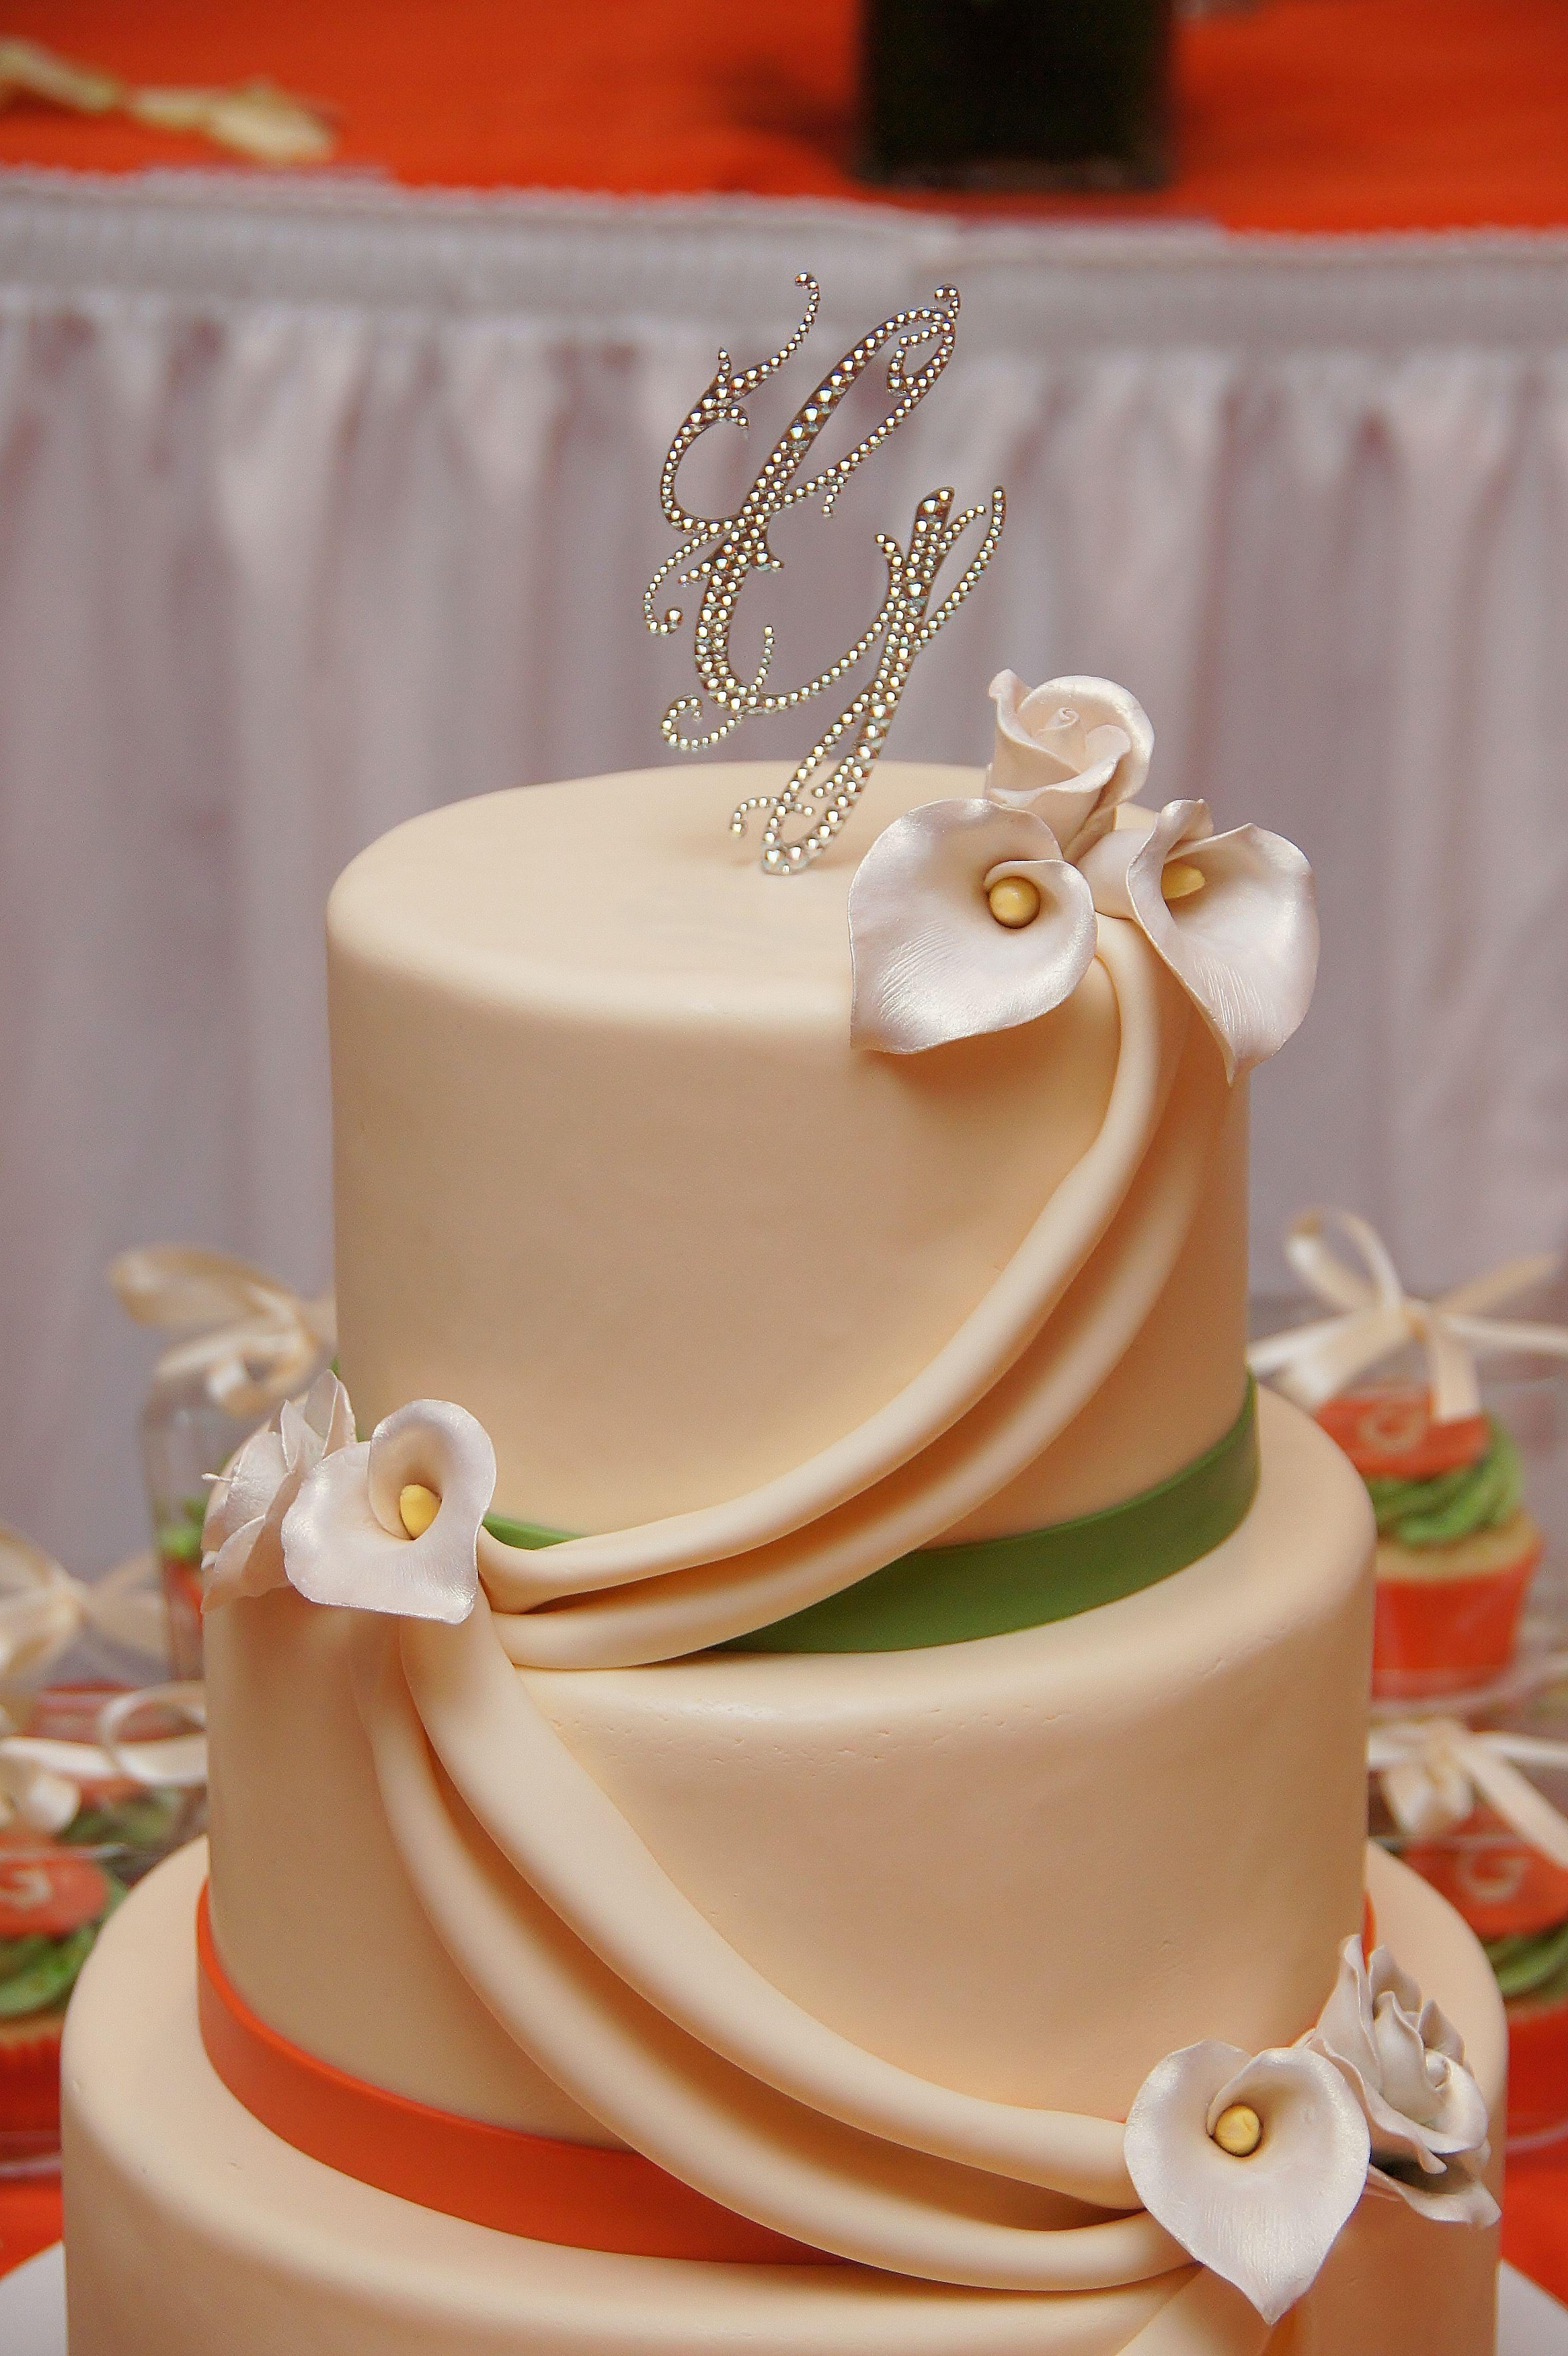 Black fruit cake wedding cakes